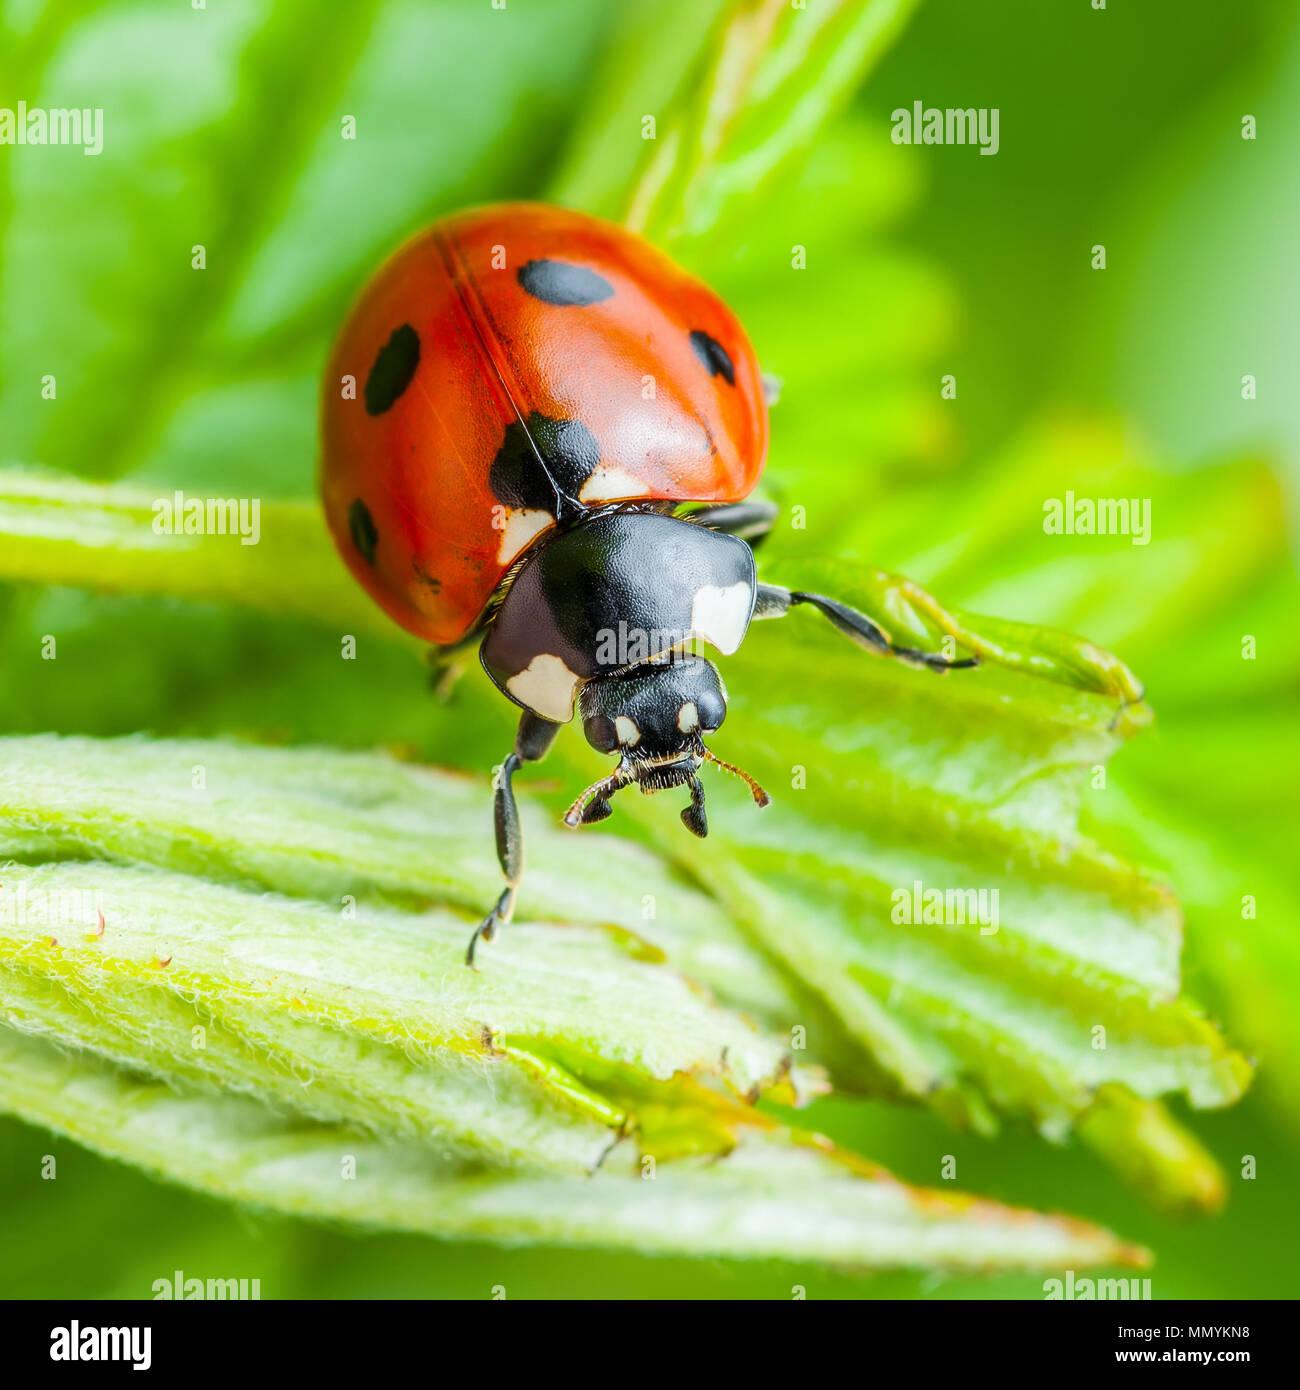 Coccinelle insecte sur feuille Macro Photo Stock